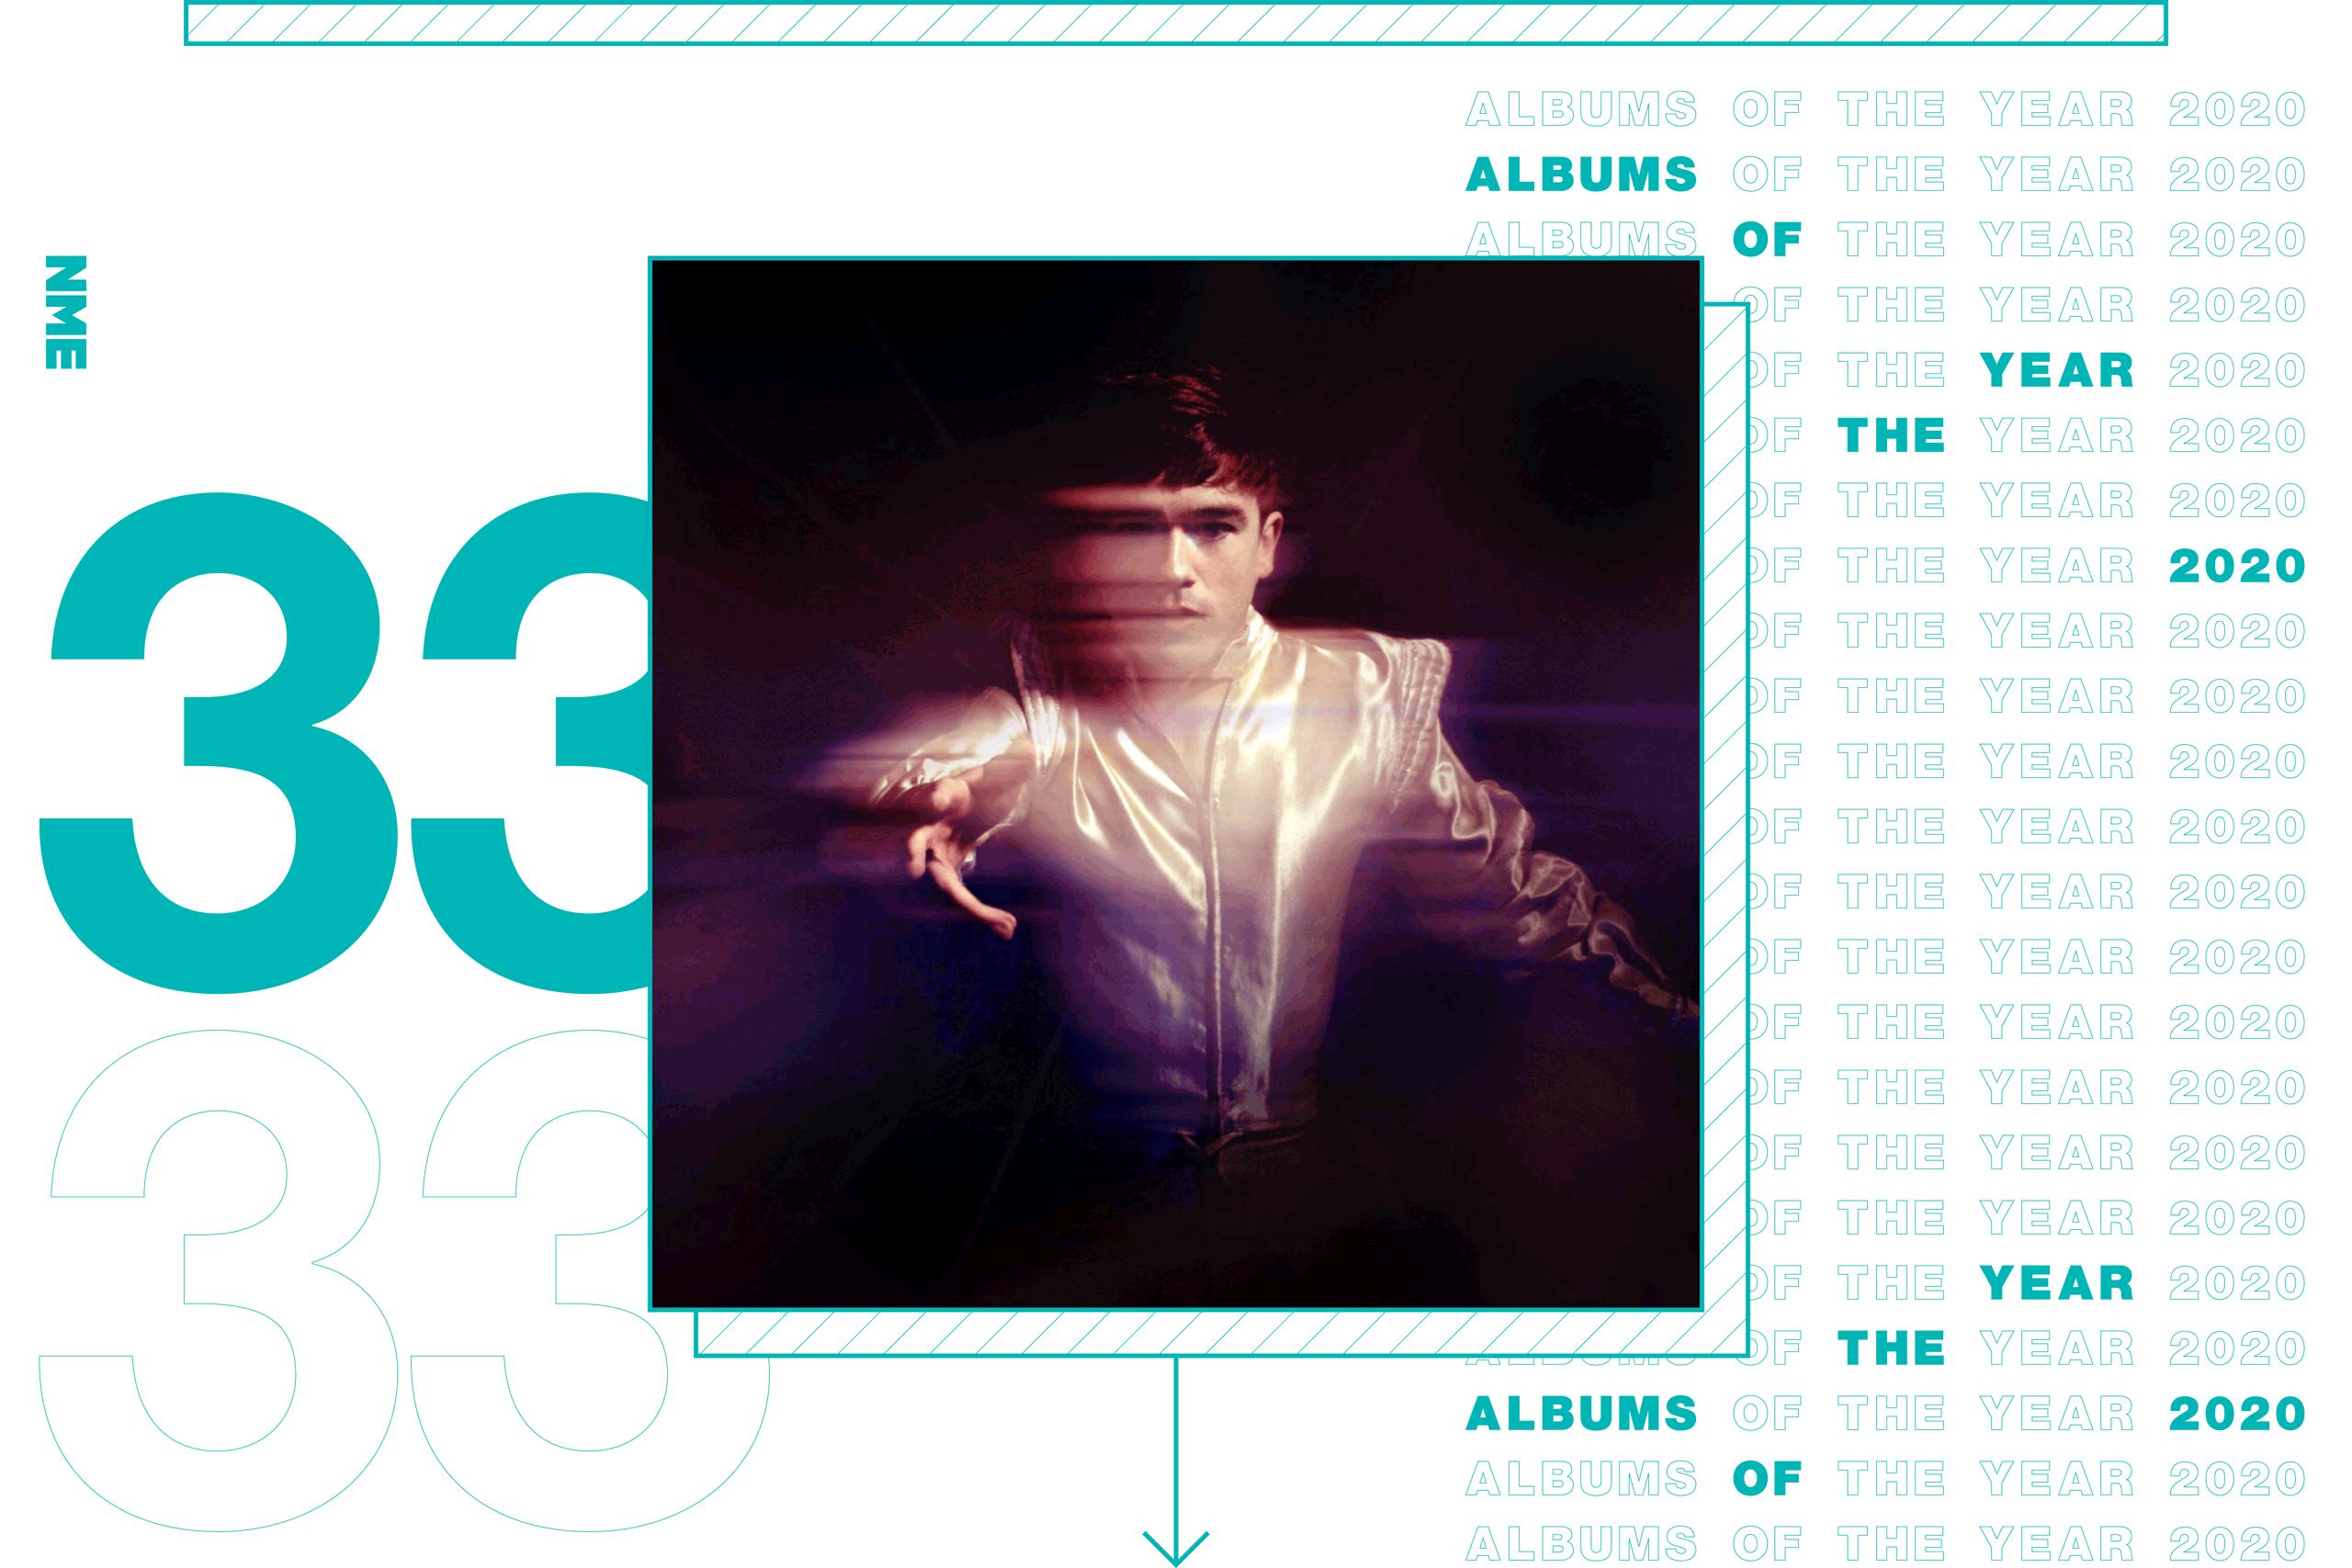 NME Album Of The Year 2020 Declan McKenna, 'Zeros'